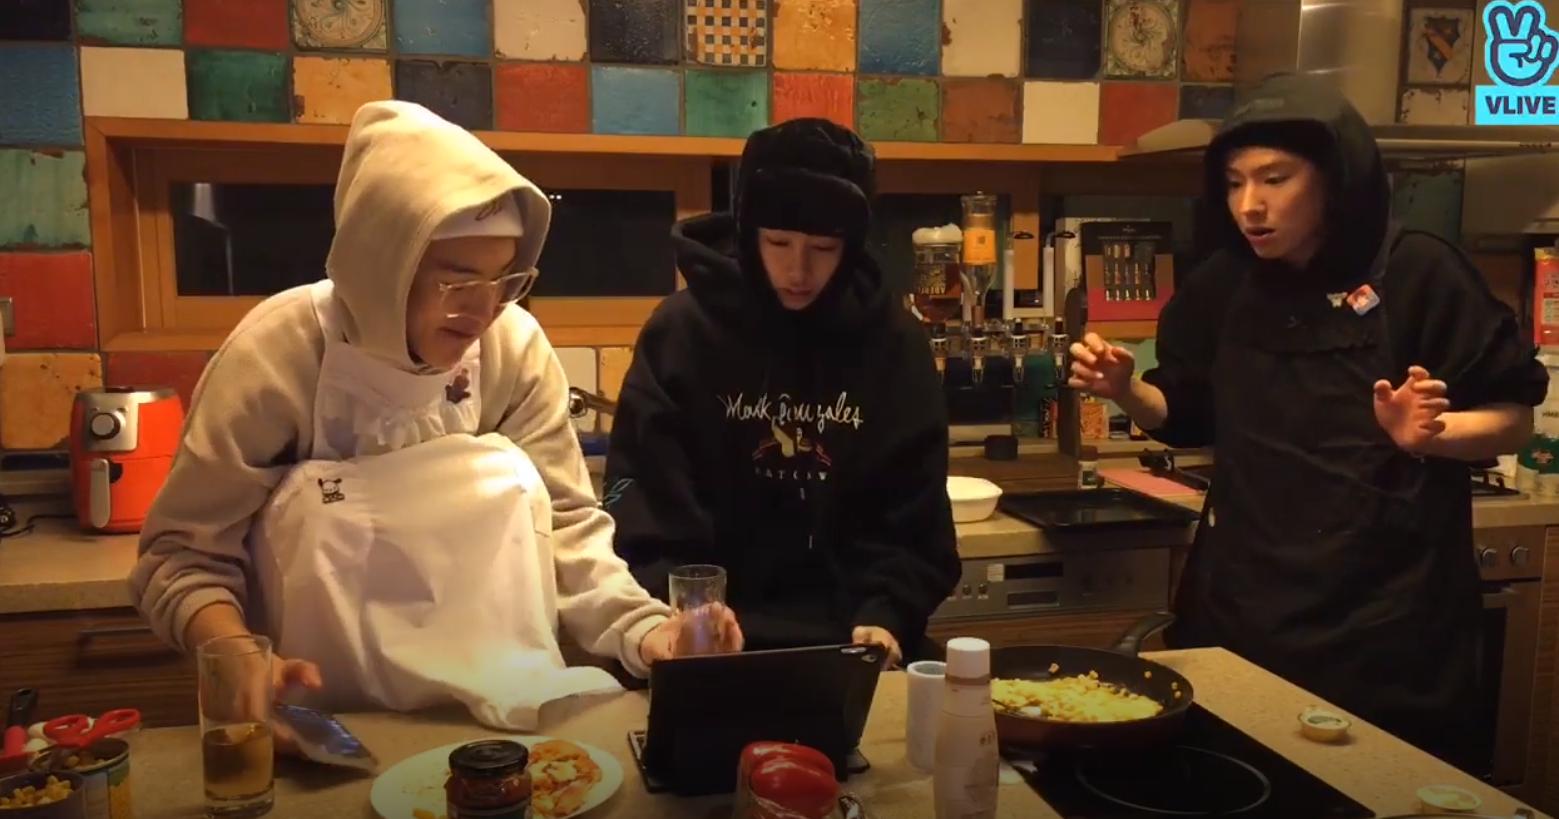 monsta x cooking, kihyun vlive, minhyuk vlive, kihyun minhyuk cooking